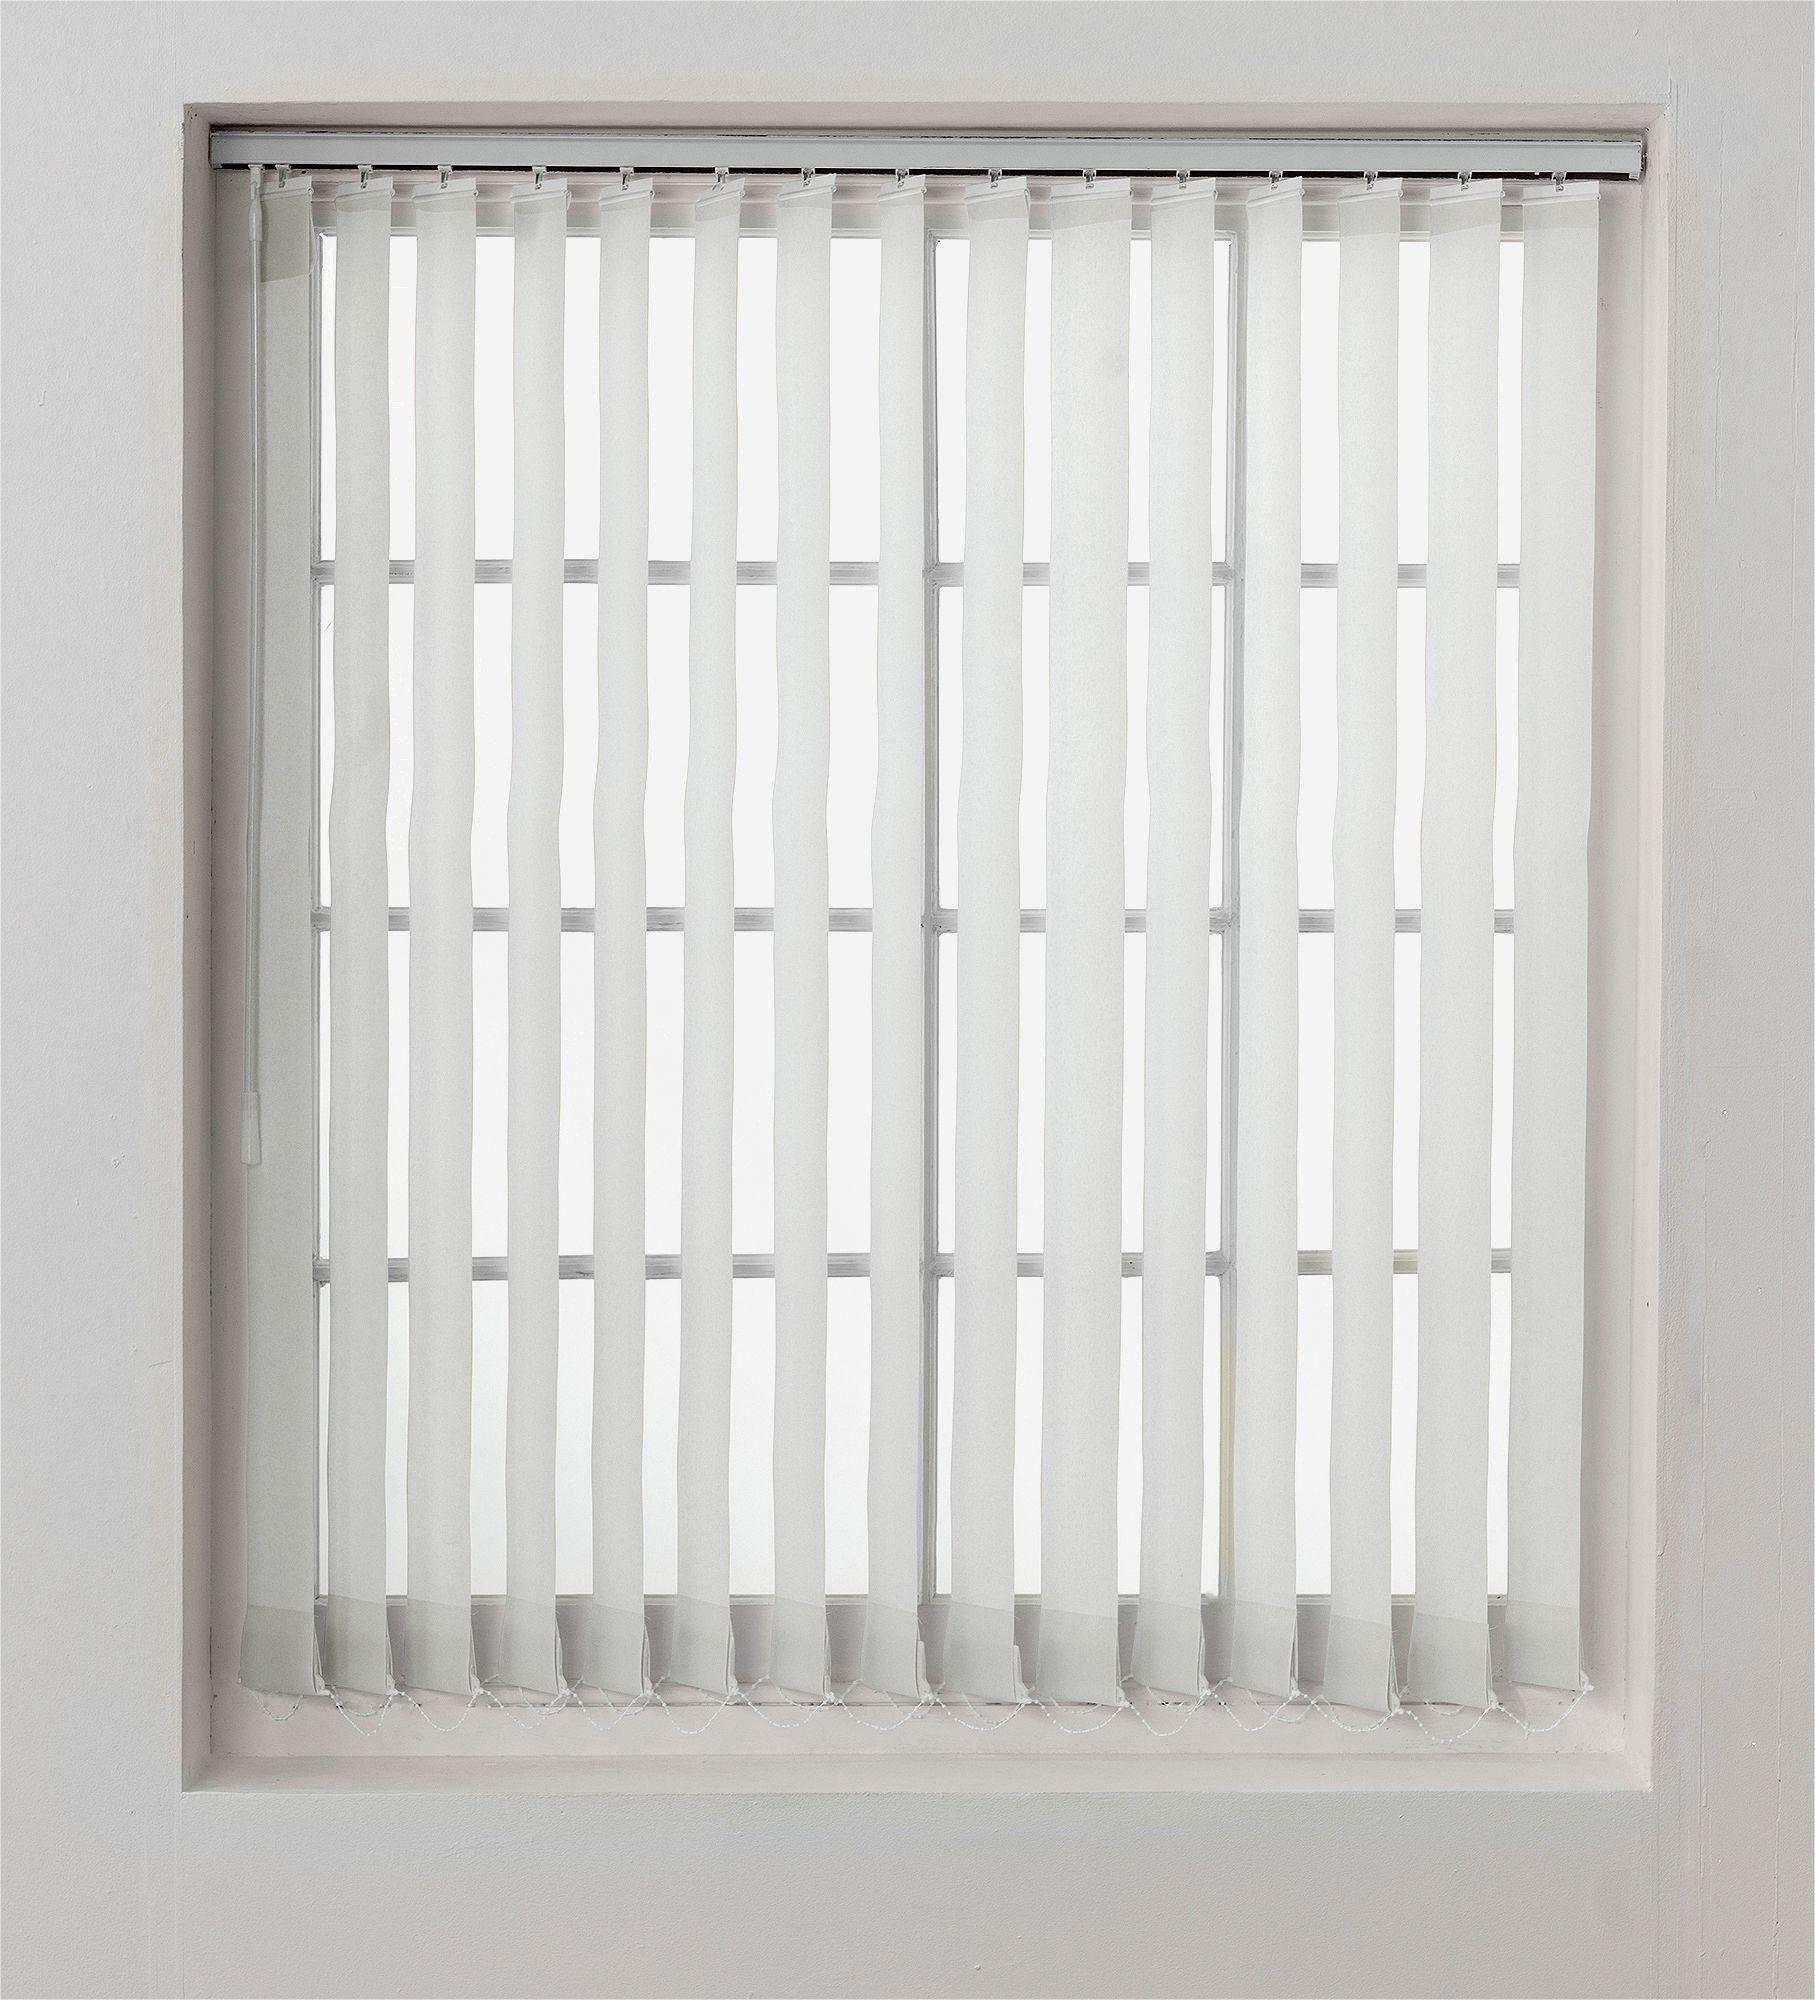 home-vertical-blind-slats-pack-45ft-white